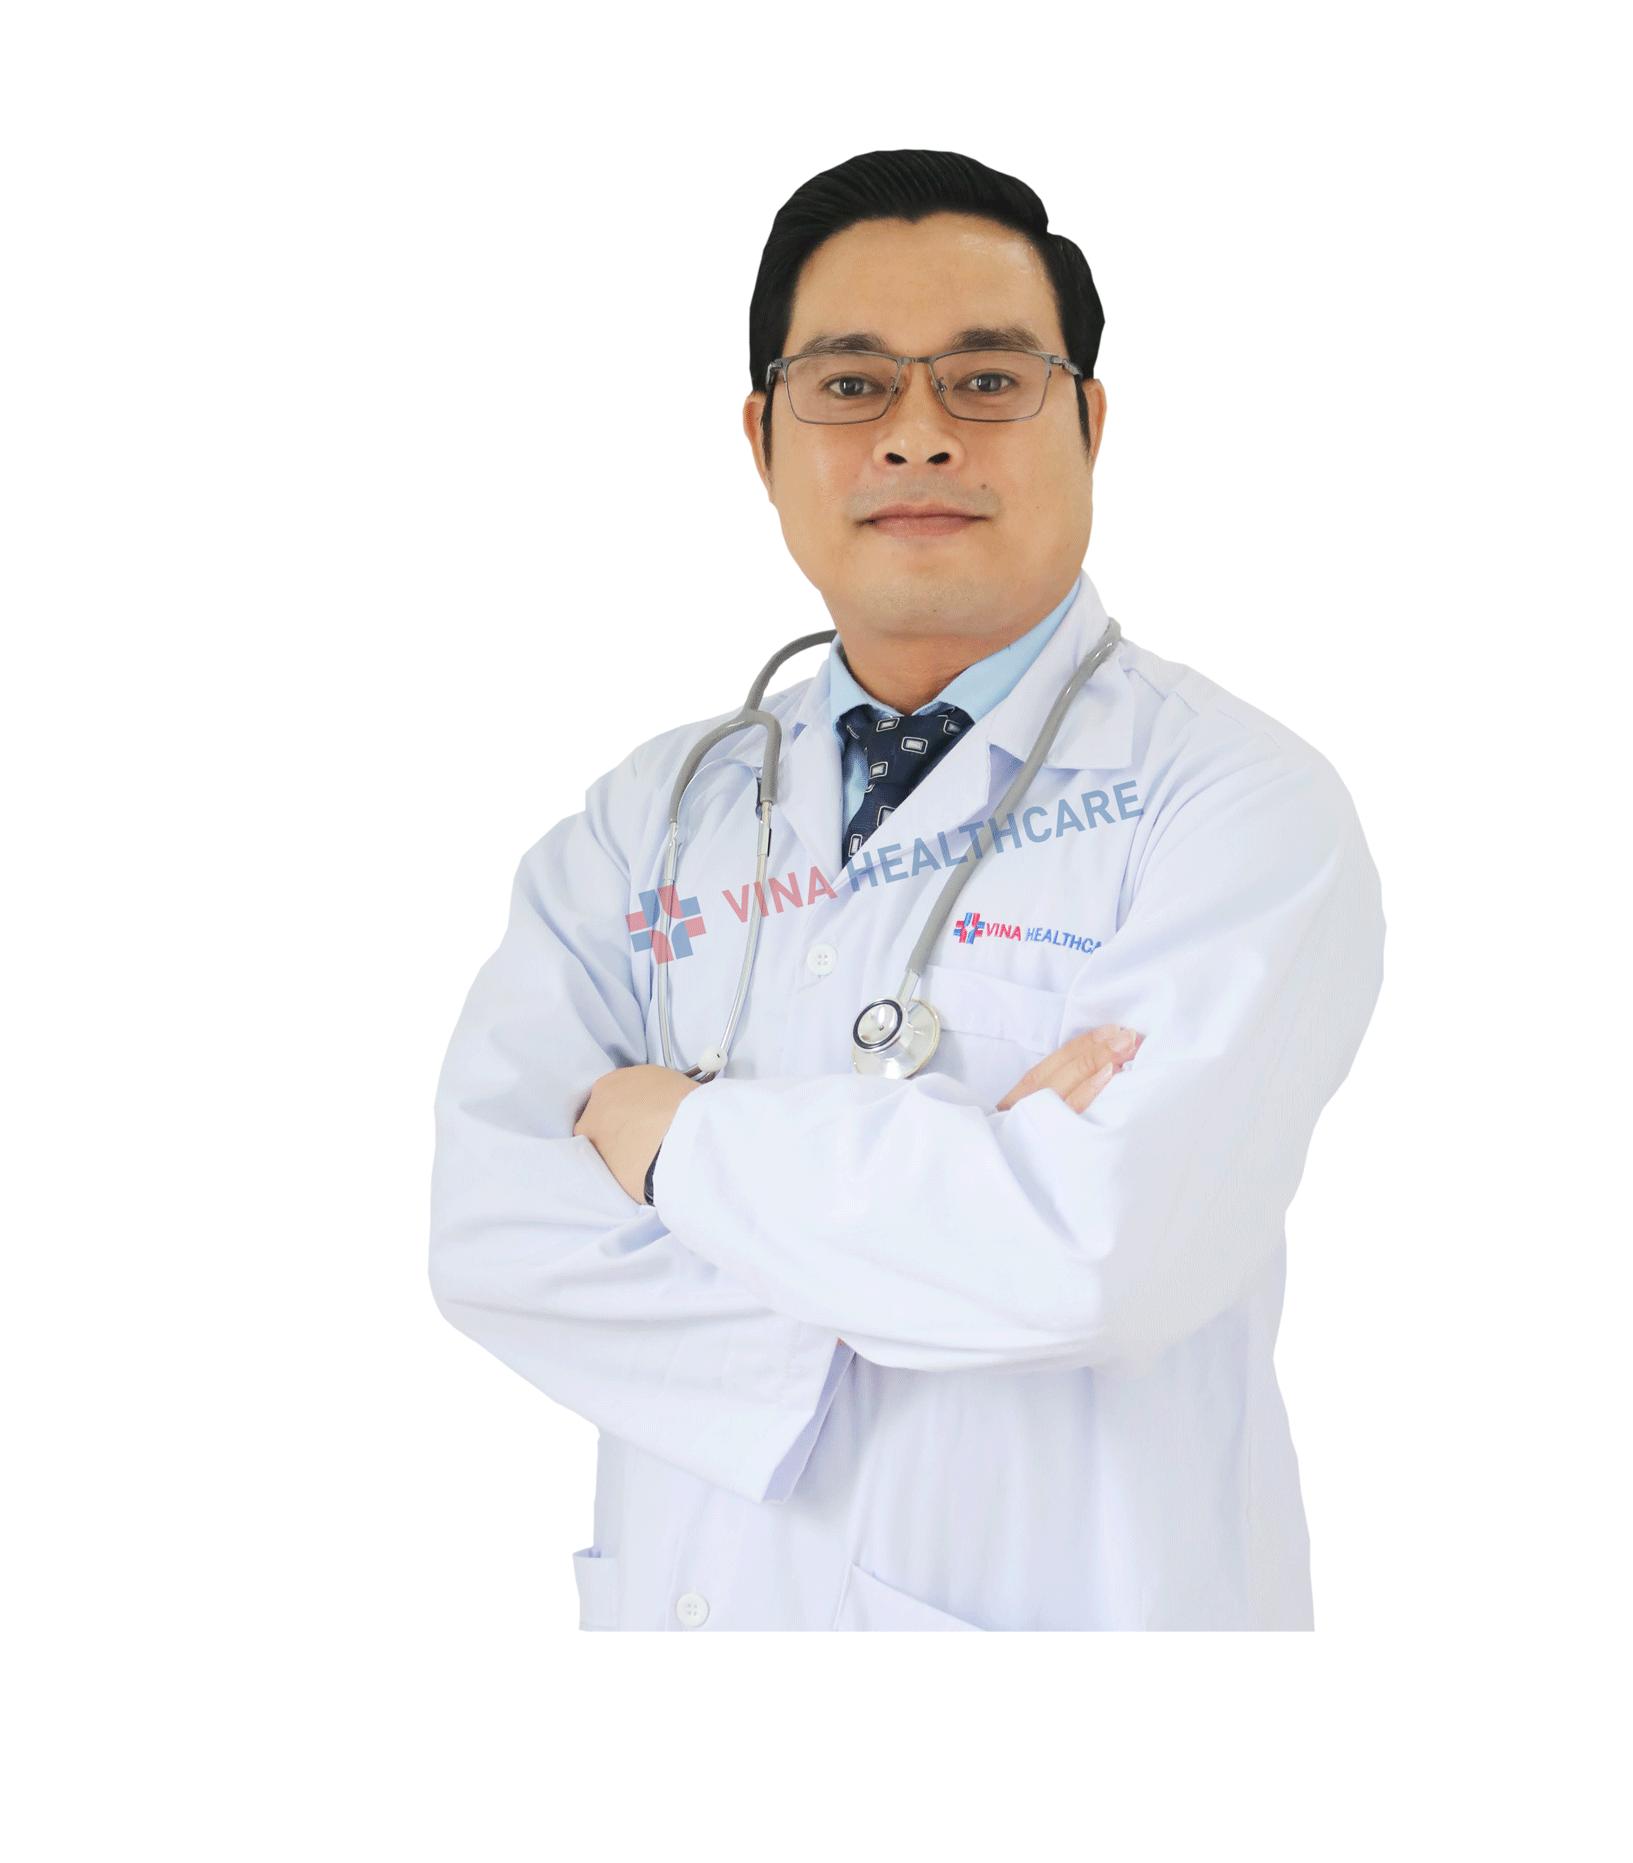 bác sĩ việt nam